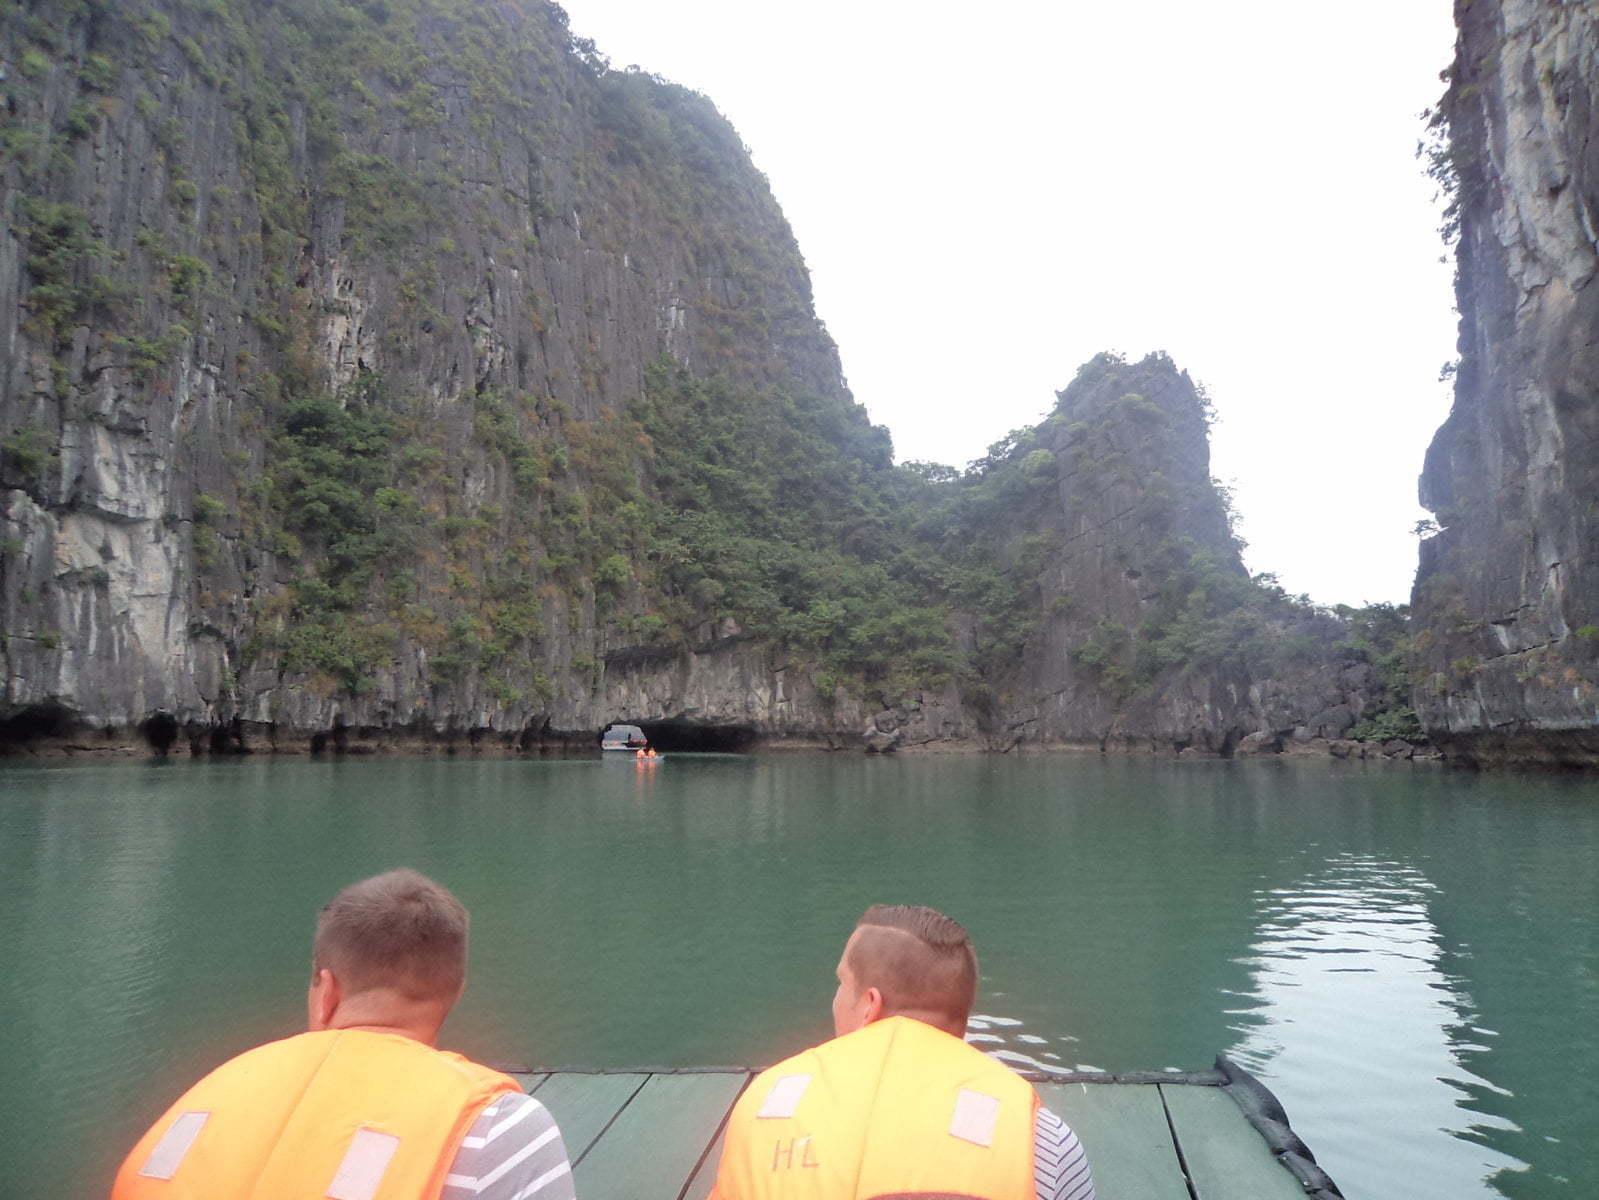 Passeio de barco por Hang Luon - Ha Long Bay, próximo a Hanoi, Vietnã